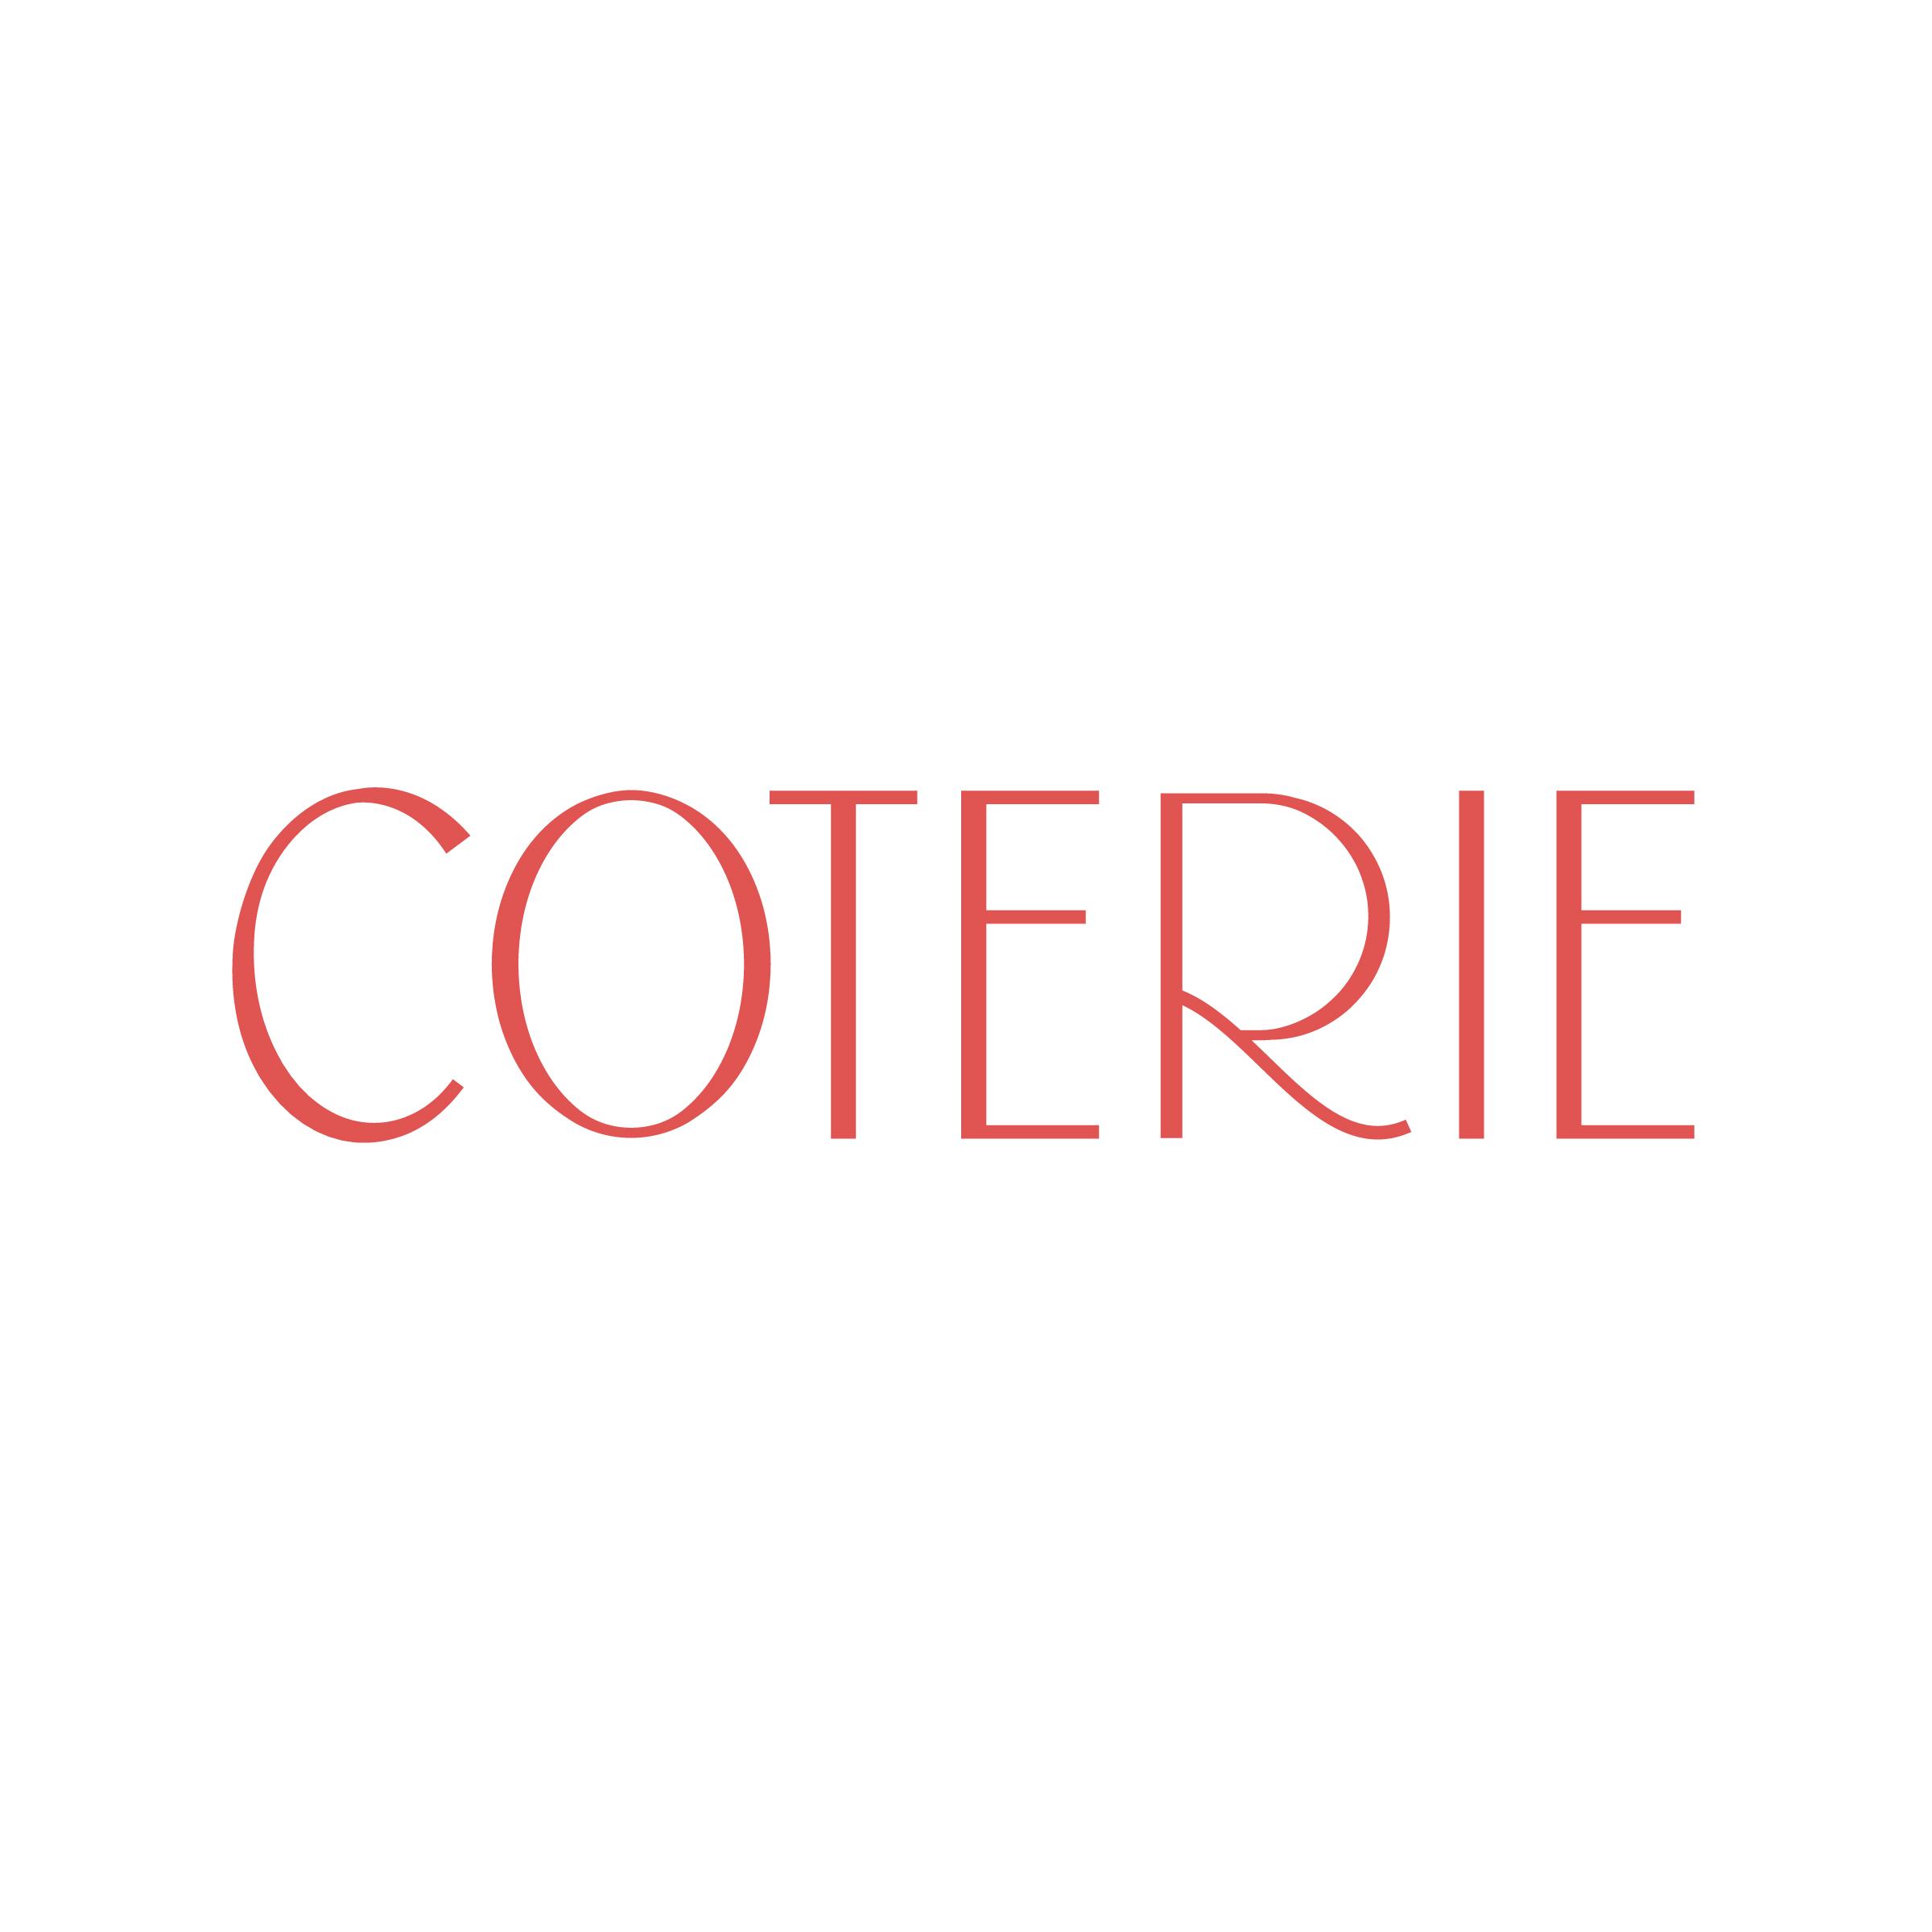 Coterie_Logo_Red.jpg